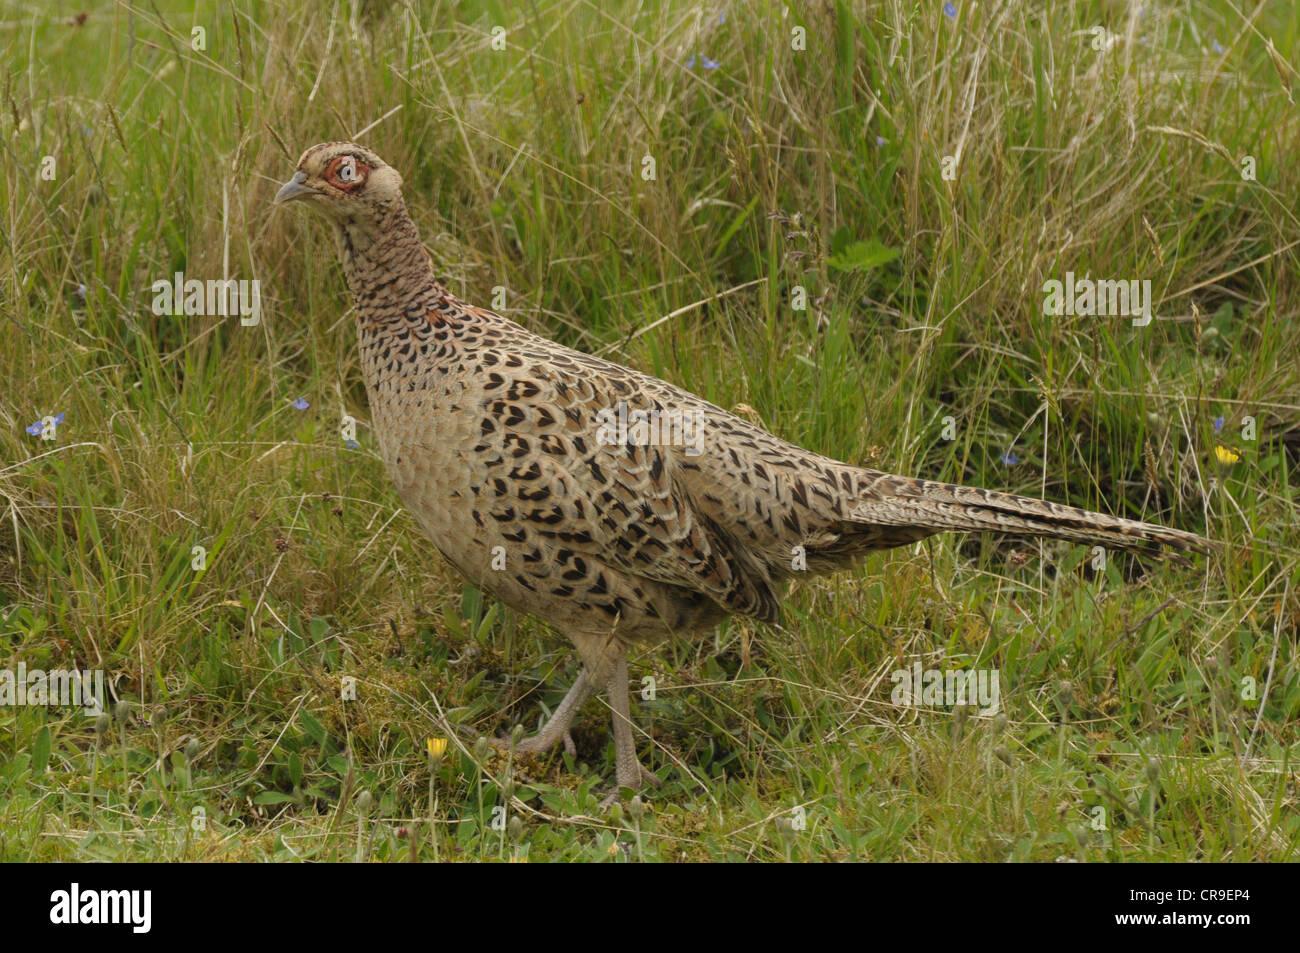 Female pheasant, Phasianus colchicus, Scotland. - Stock Image